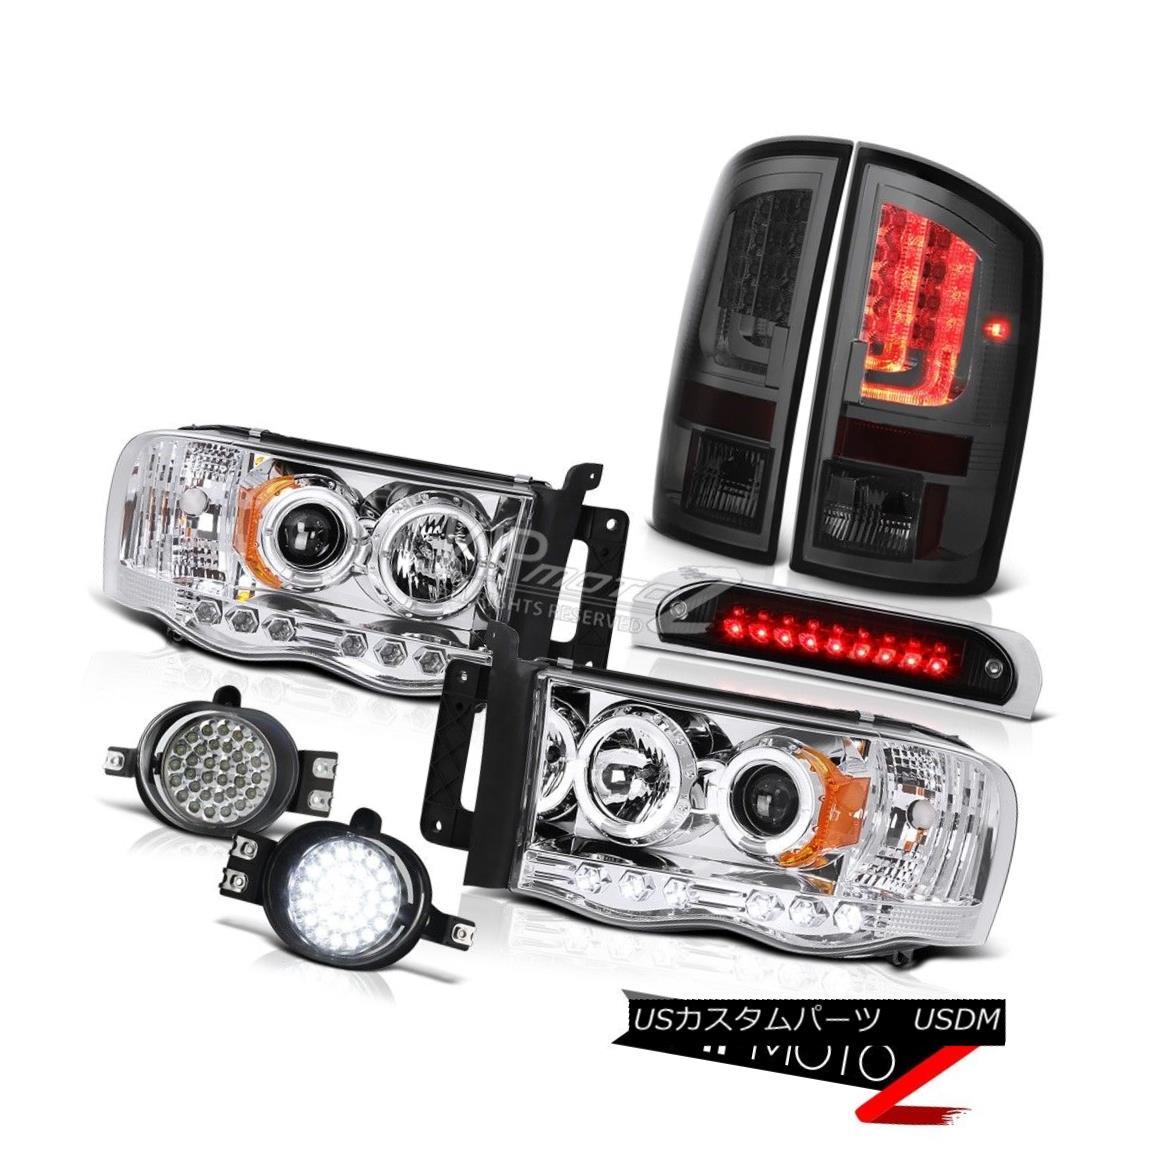 テールライト 2002-2005 Dodge Ram 1500 ST Taillamps Third Brake Light Headlamps Foglights LED 2002-2005 Dodge Ram 1500 ST Taillamps第3ブレーキライトヘッドランプフォグライトLED